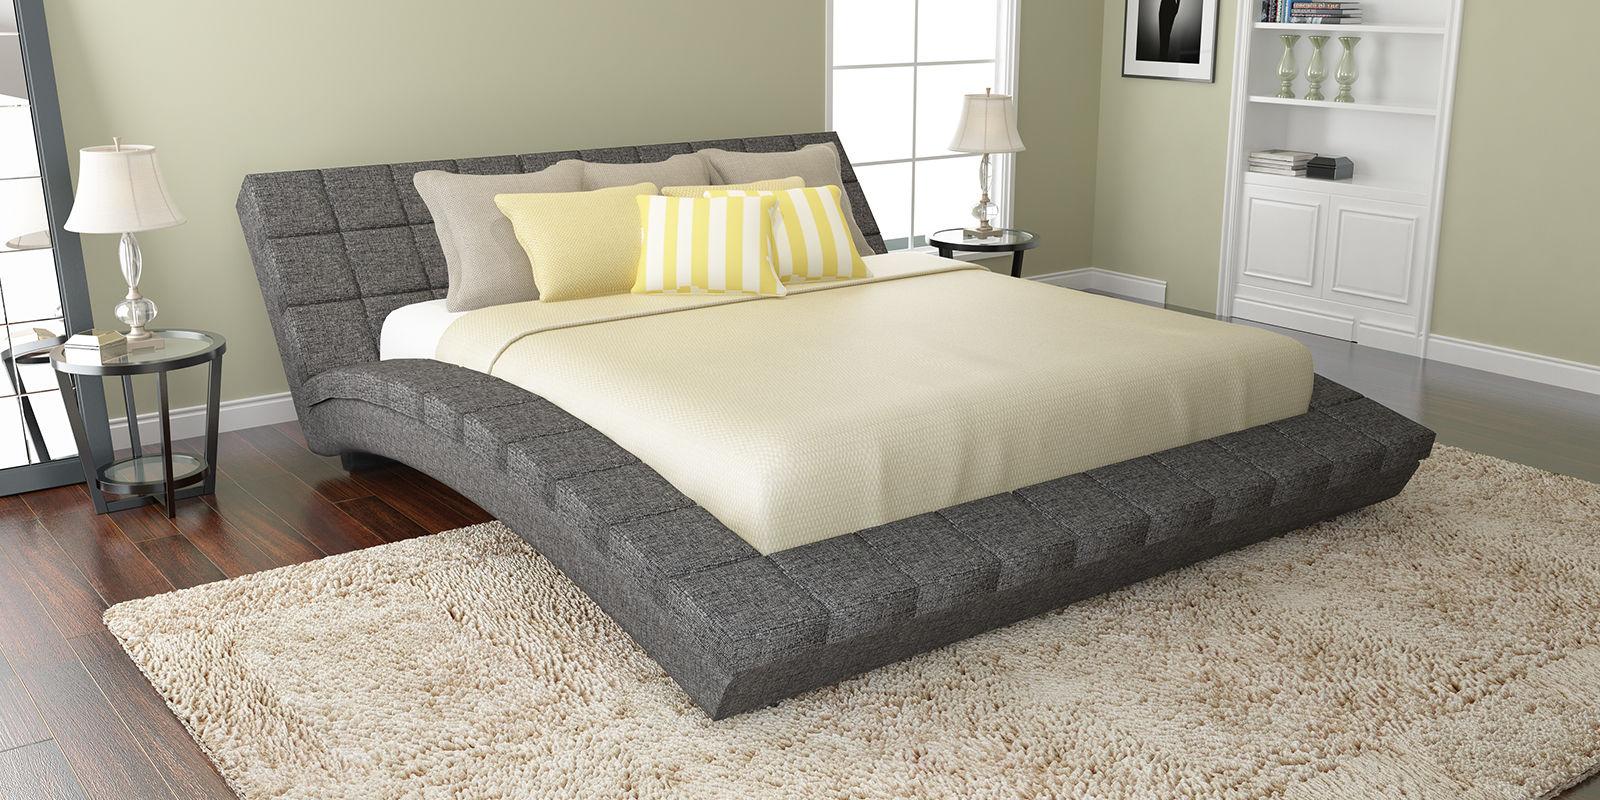 Купить Мягкая кровать 200х160 Оливия с ортопедическим основанием (Madagascar серый), HomeMe, Серый